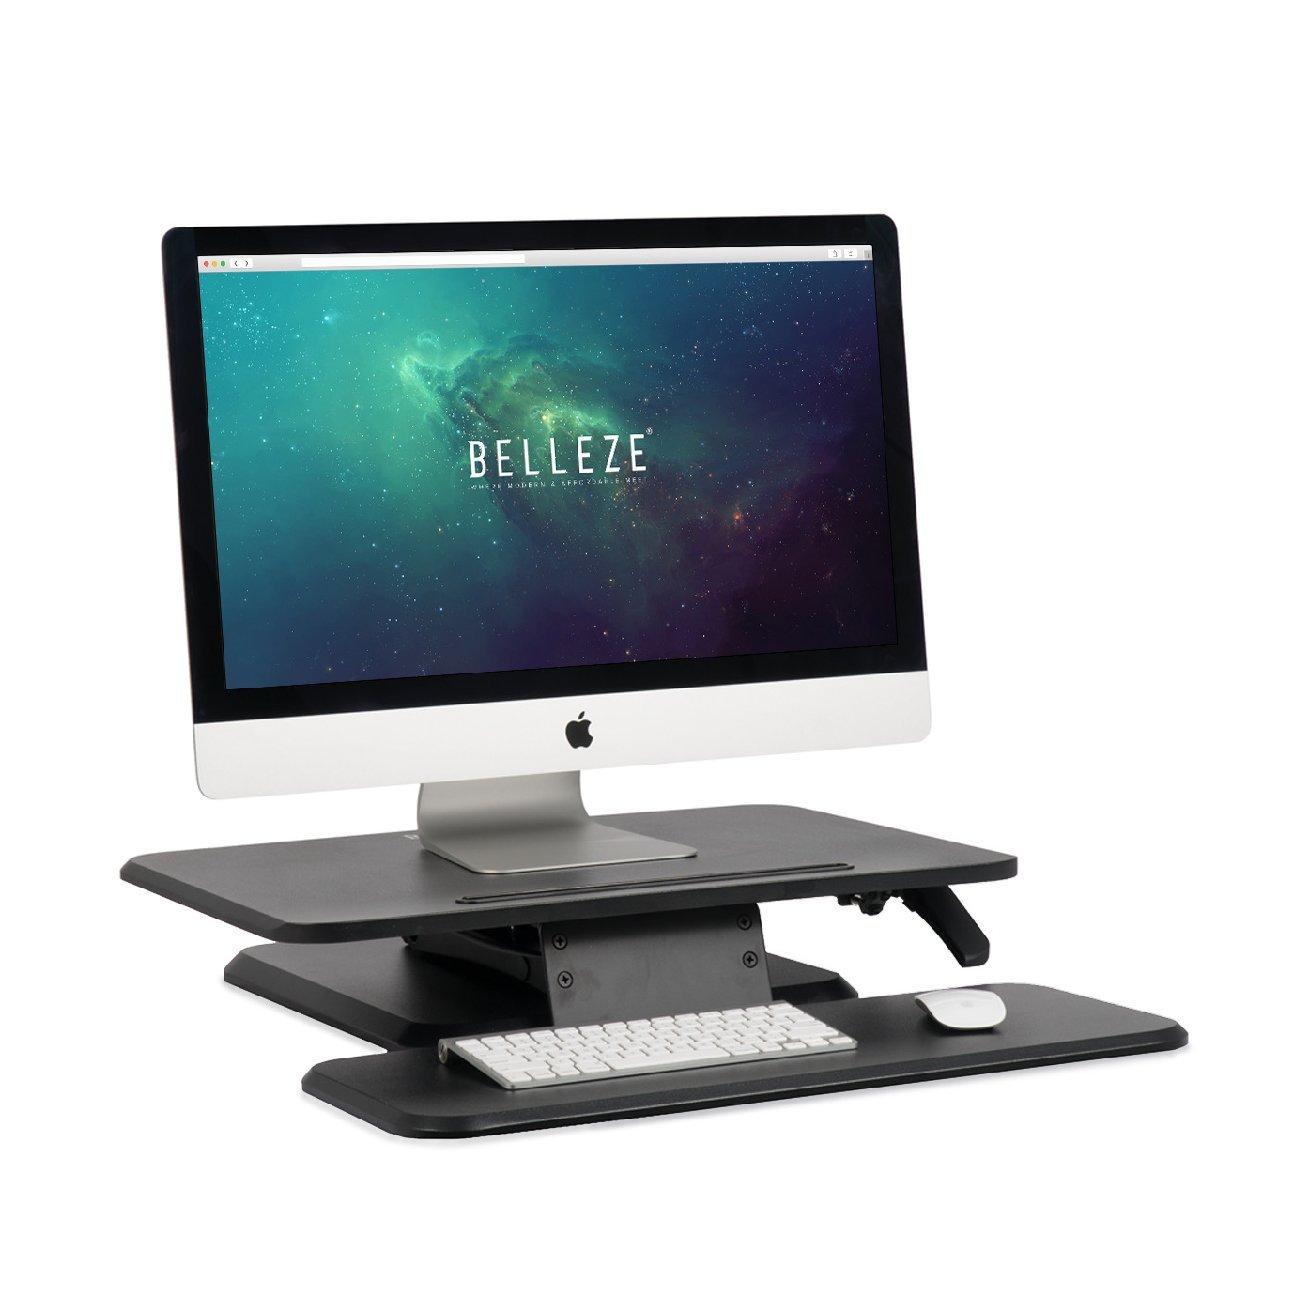 BELLEZE | Stand Up Desk | Computer Riser Table | | Adjustable Height Desk Converter | Keyboard Tray | Home | Office | Dorm | 25 Inch | Black